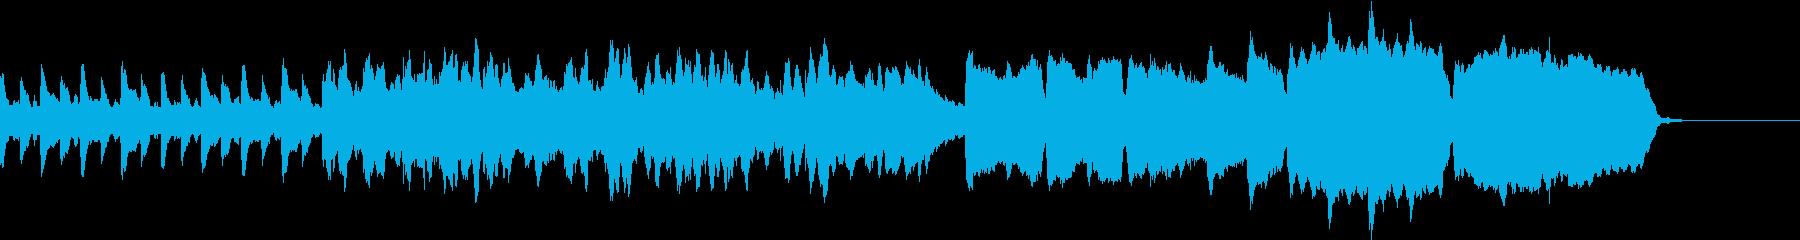 ホルンとトランペットのファンファーレの再生済みの波形